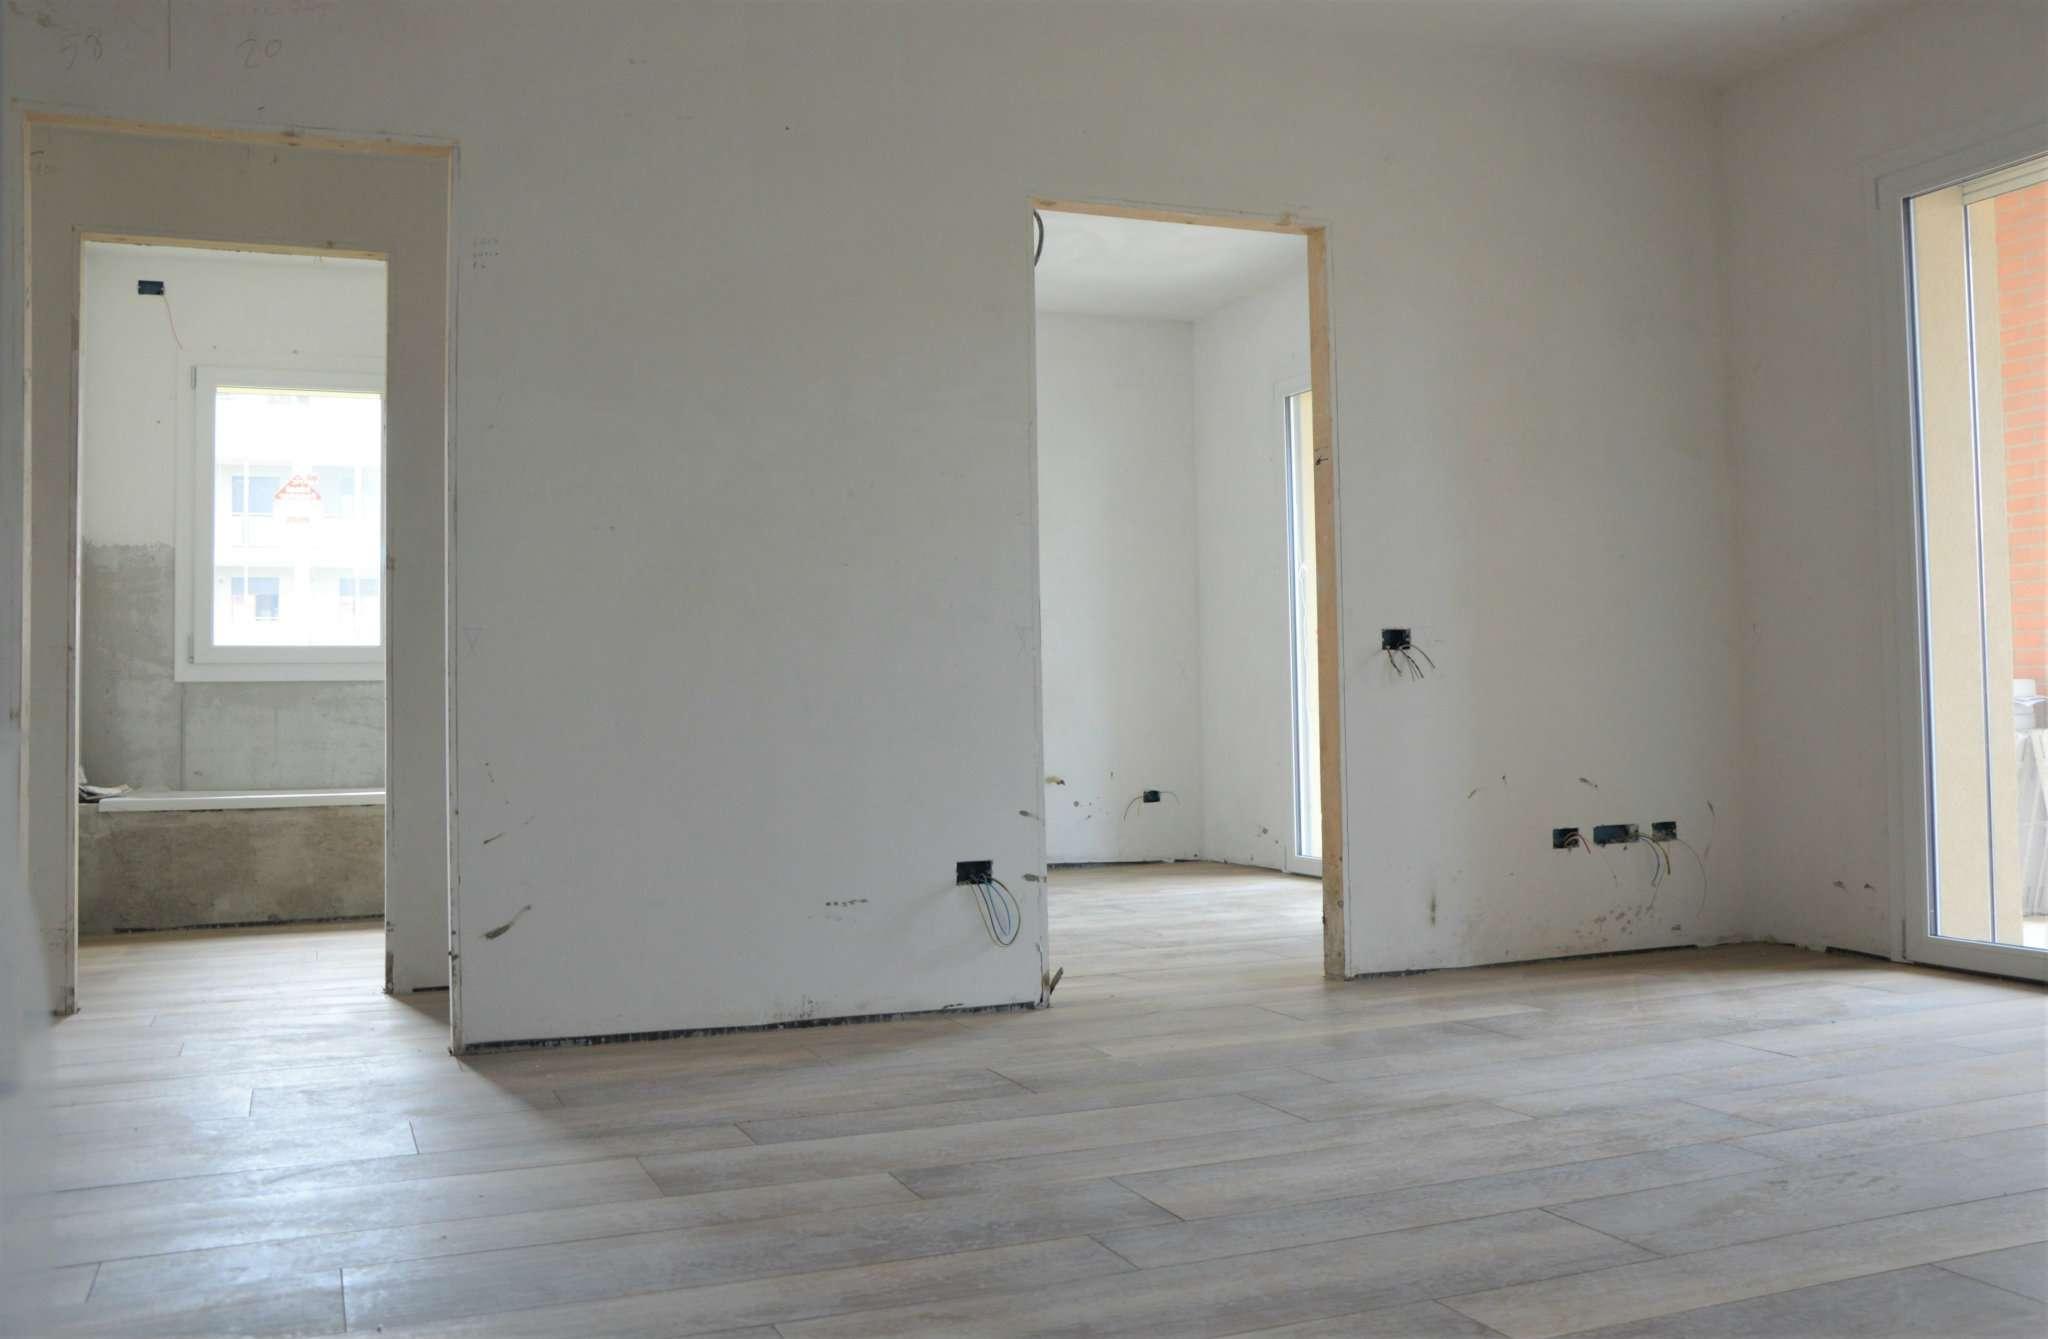 Appartamento in vendita a Assago, 3 locali, prezzo € 273.000 | Cambio Casa.it